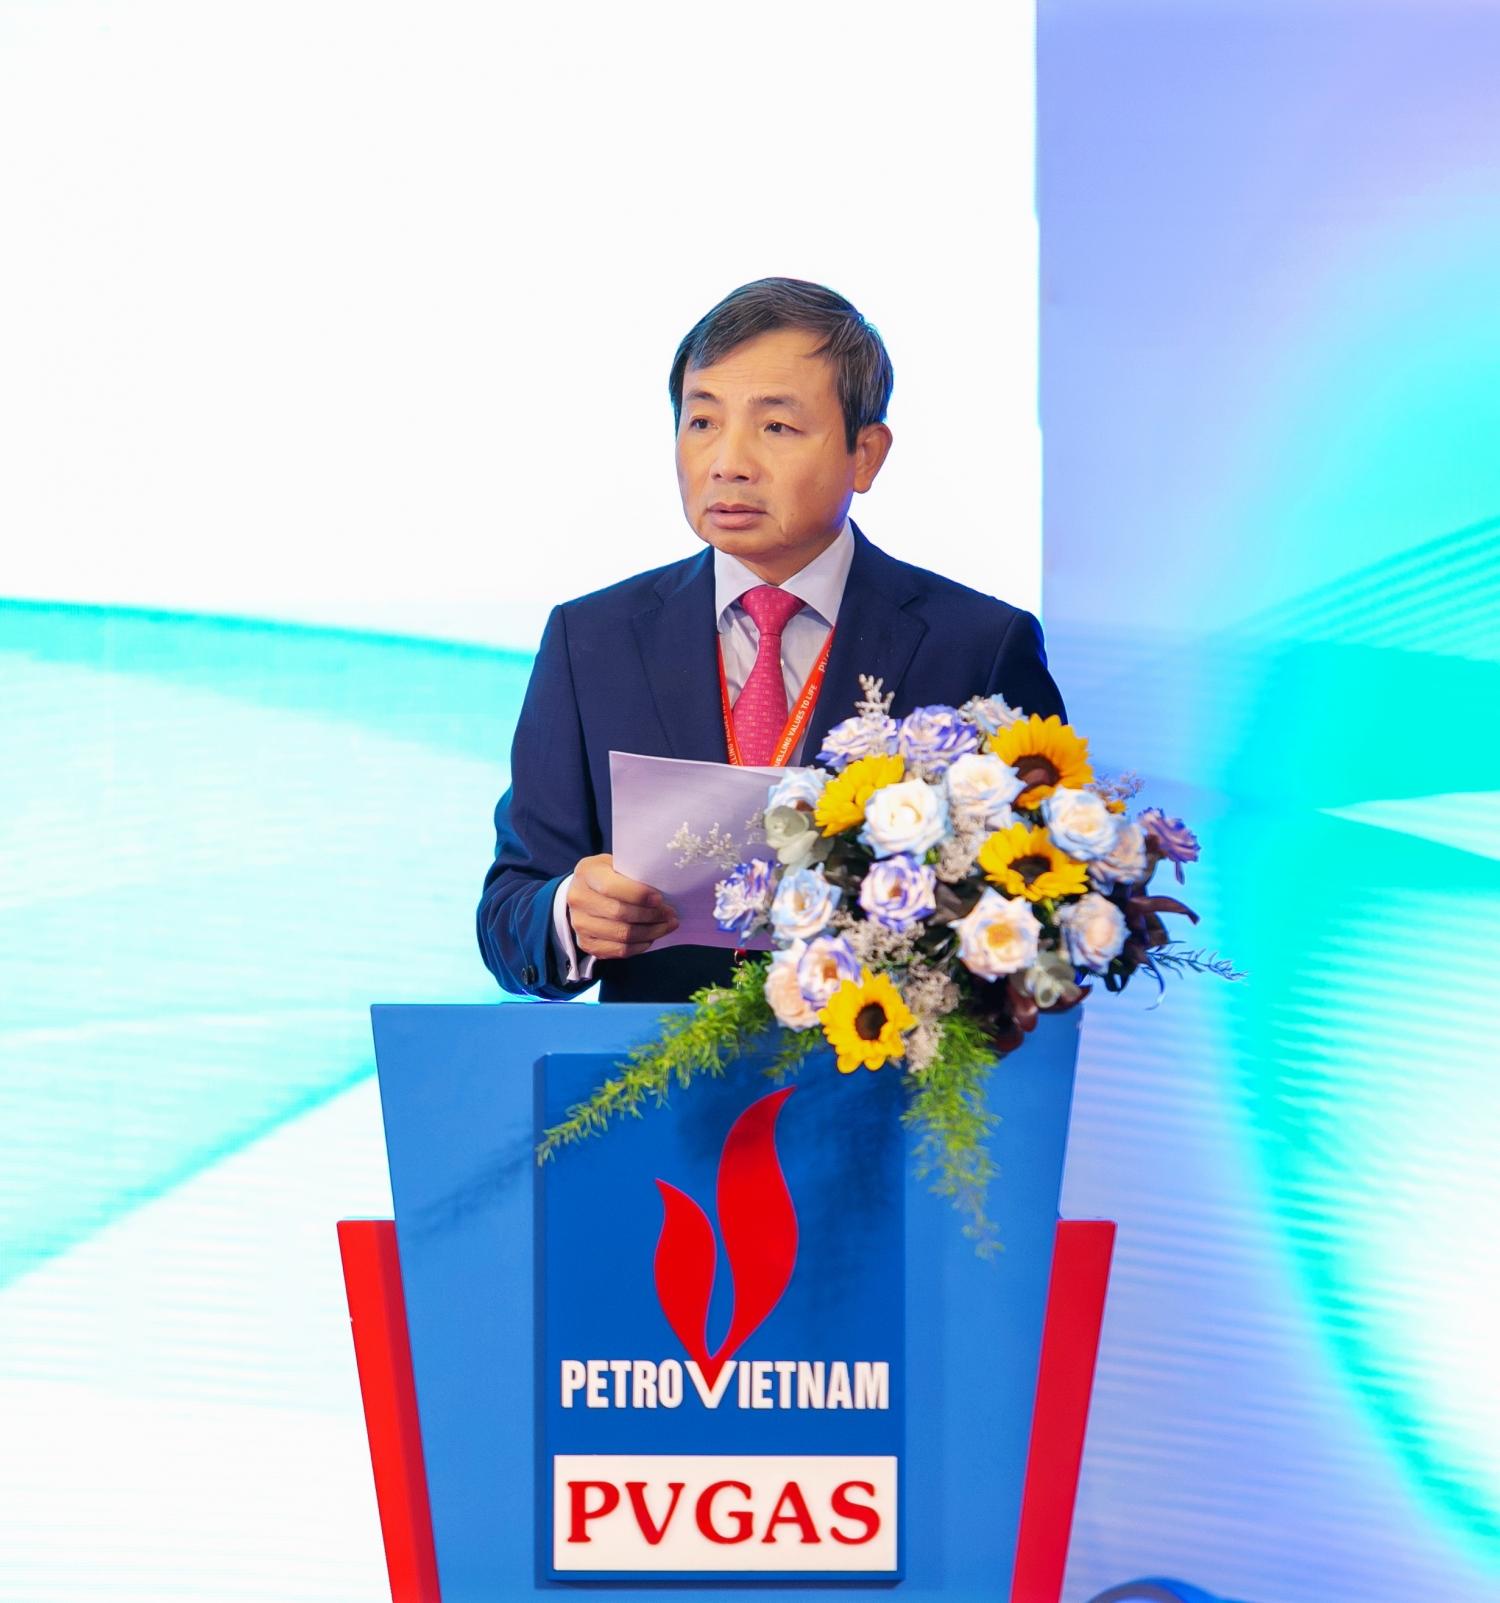 Chủ tịch HĐQT PV GAS